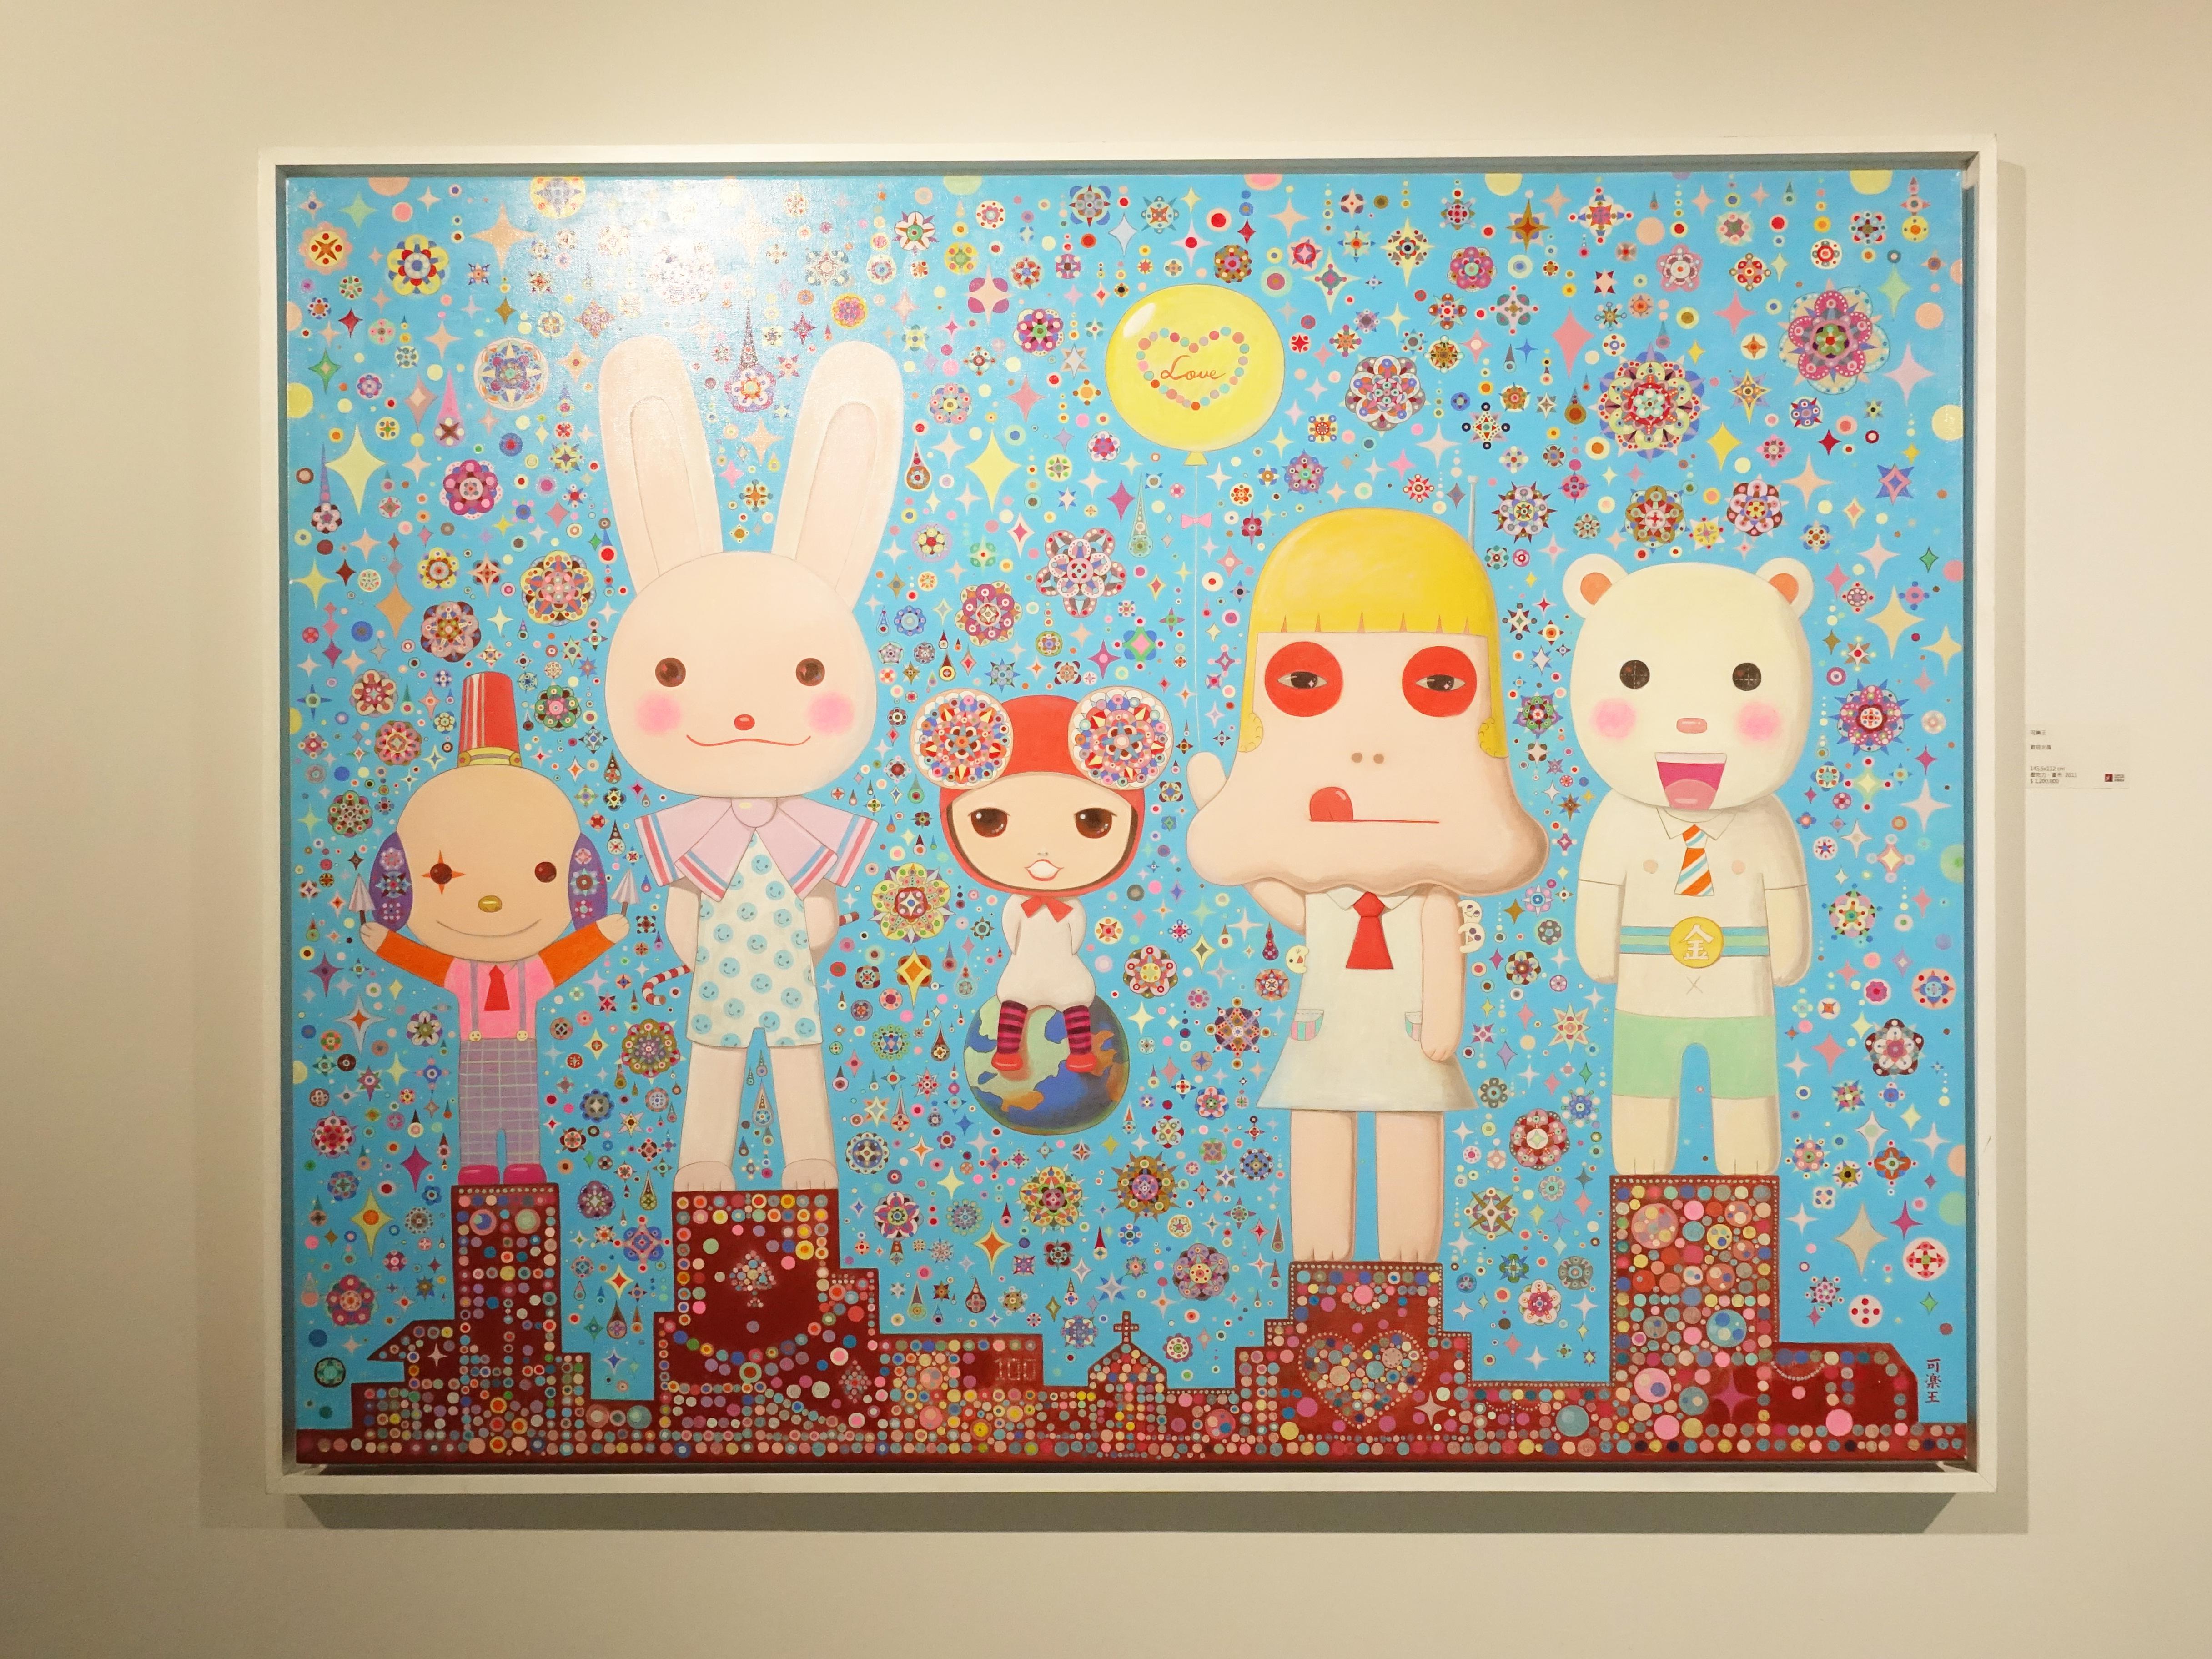 可樂王,《歡迎光臨》,145.5 x 112 cm,壓克力、畫布,2011。